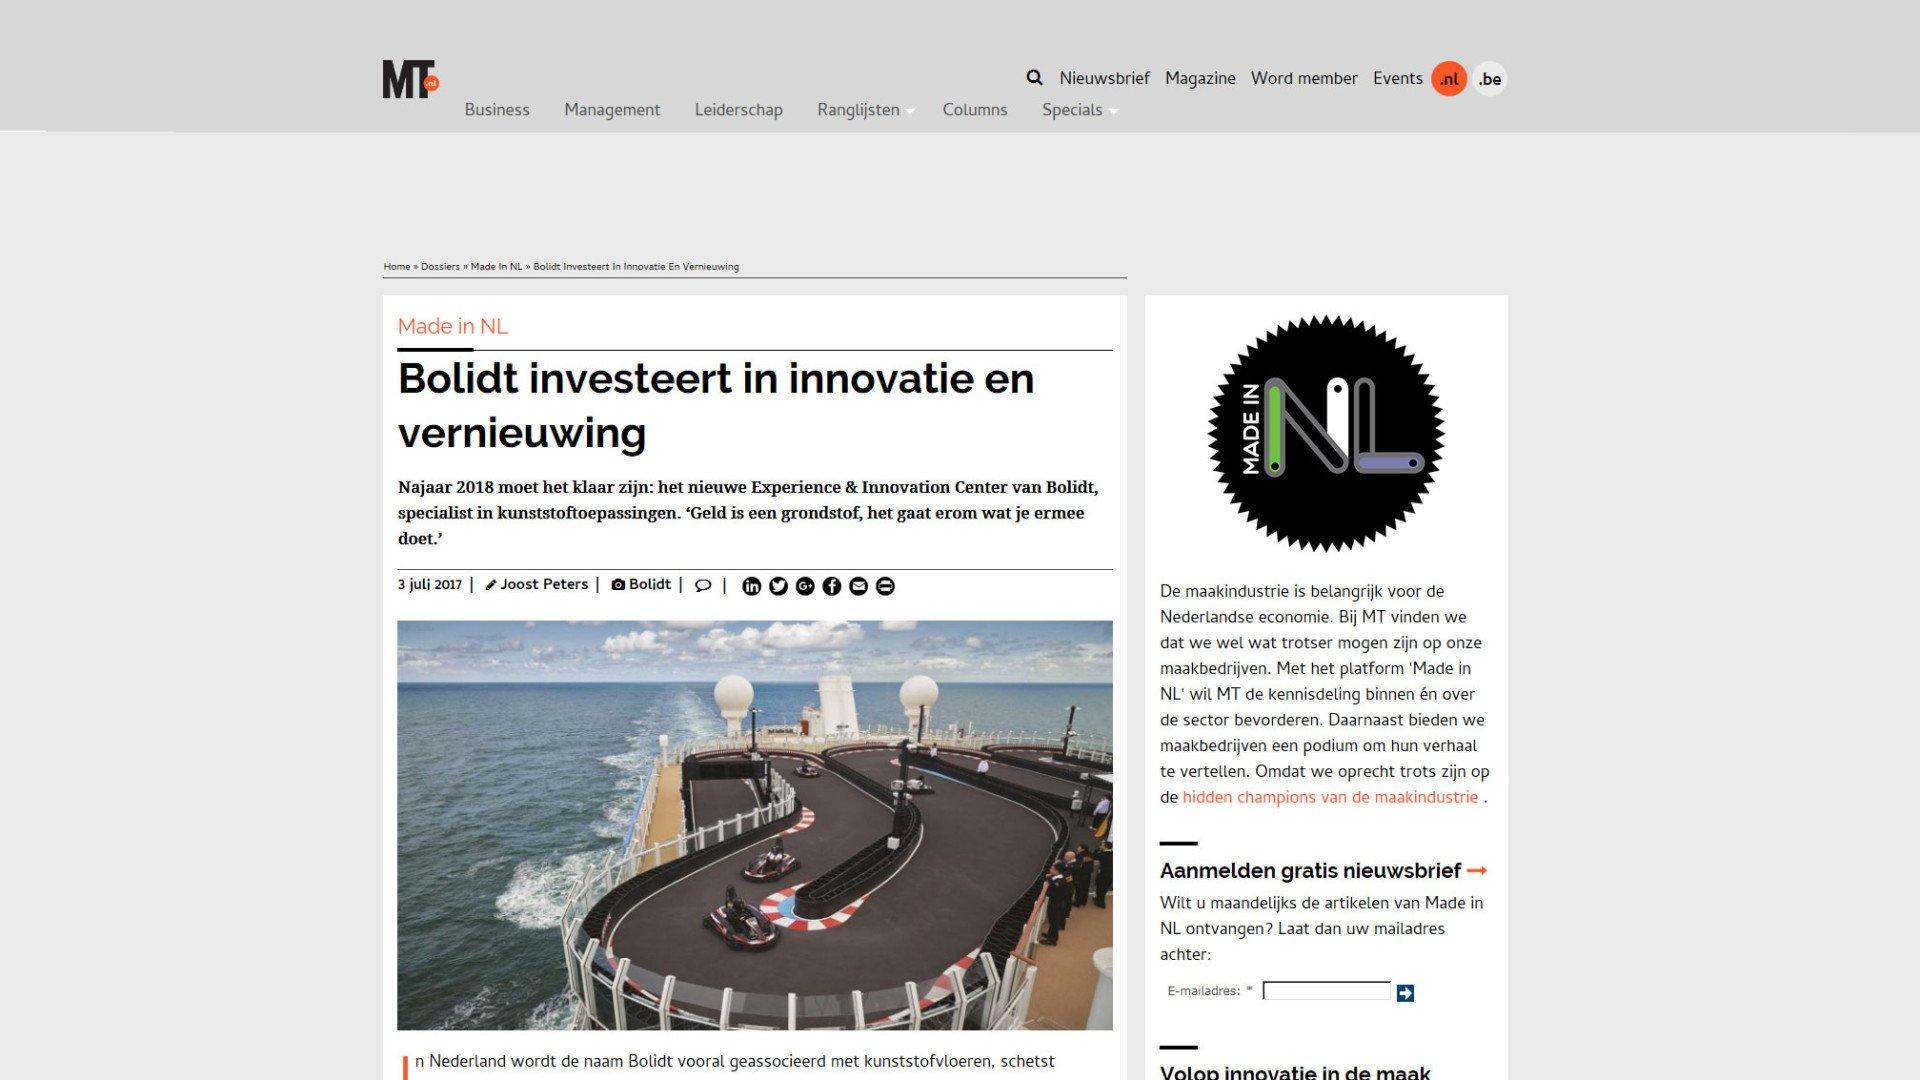 Persartikel AREA78 MT Online - Bolidt investeert in innovatie en vernieuwing